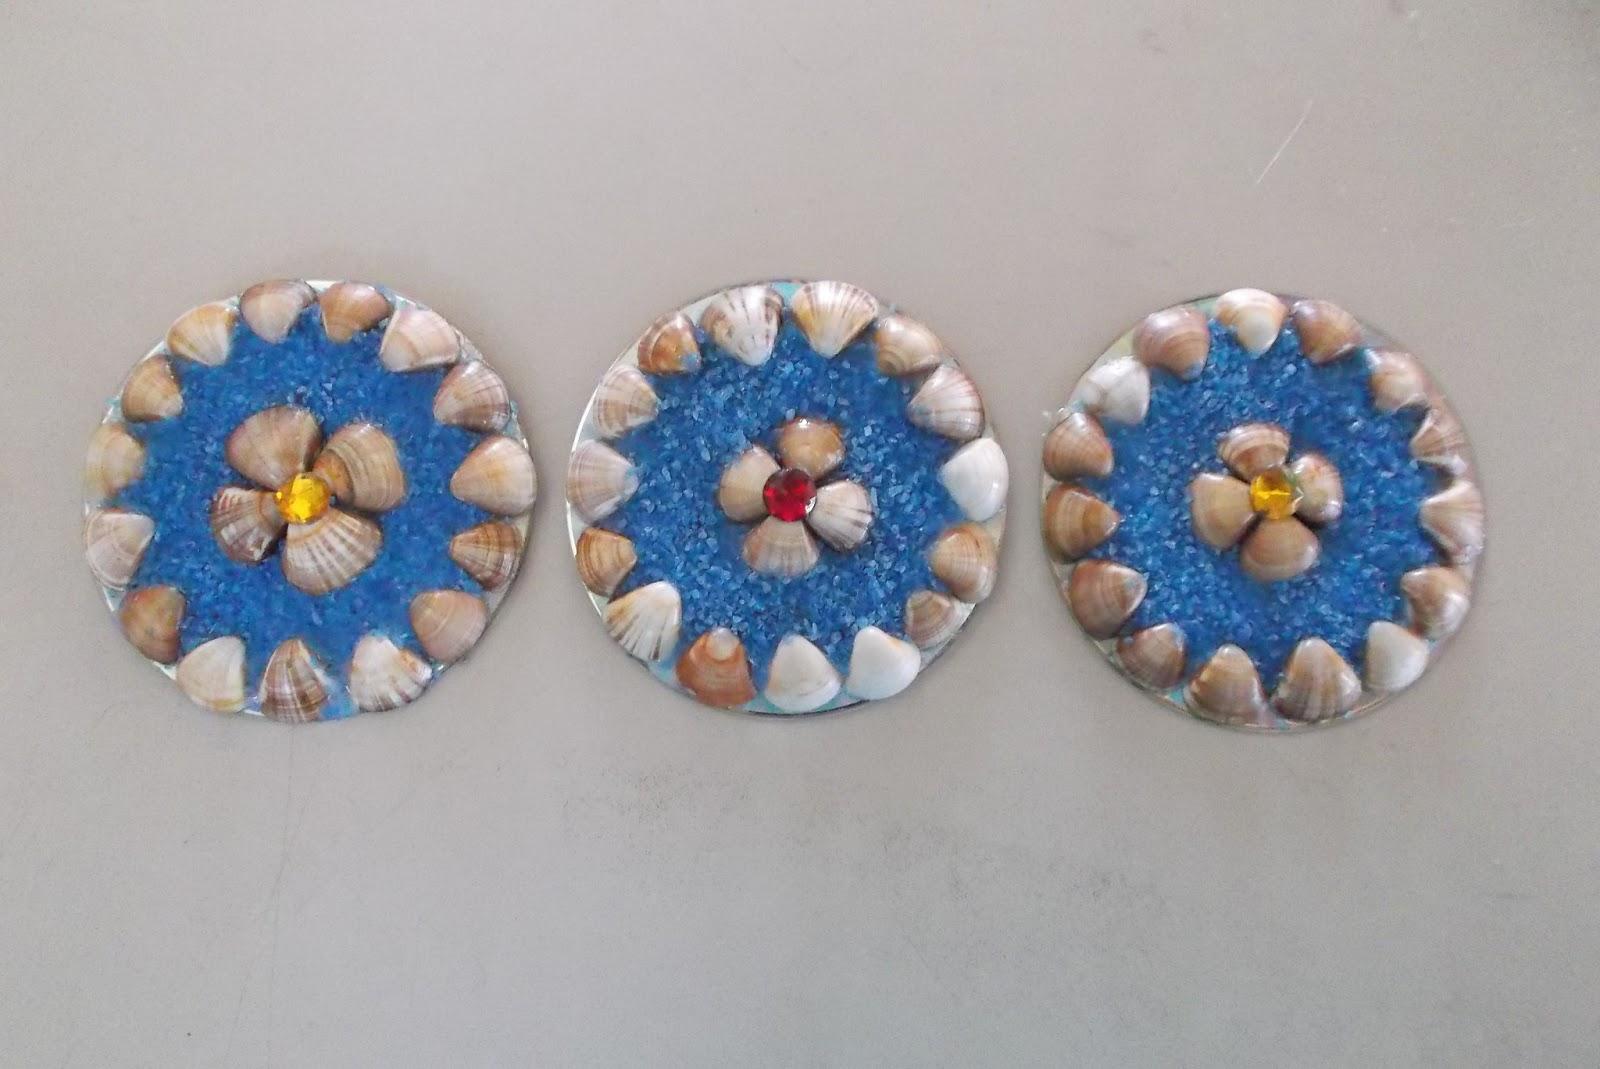 Artesanato Com Argila Simples ~ Oficina de Arte Artesanato com CD e Casca do Marisco